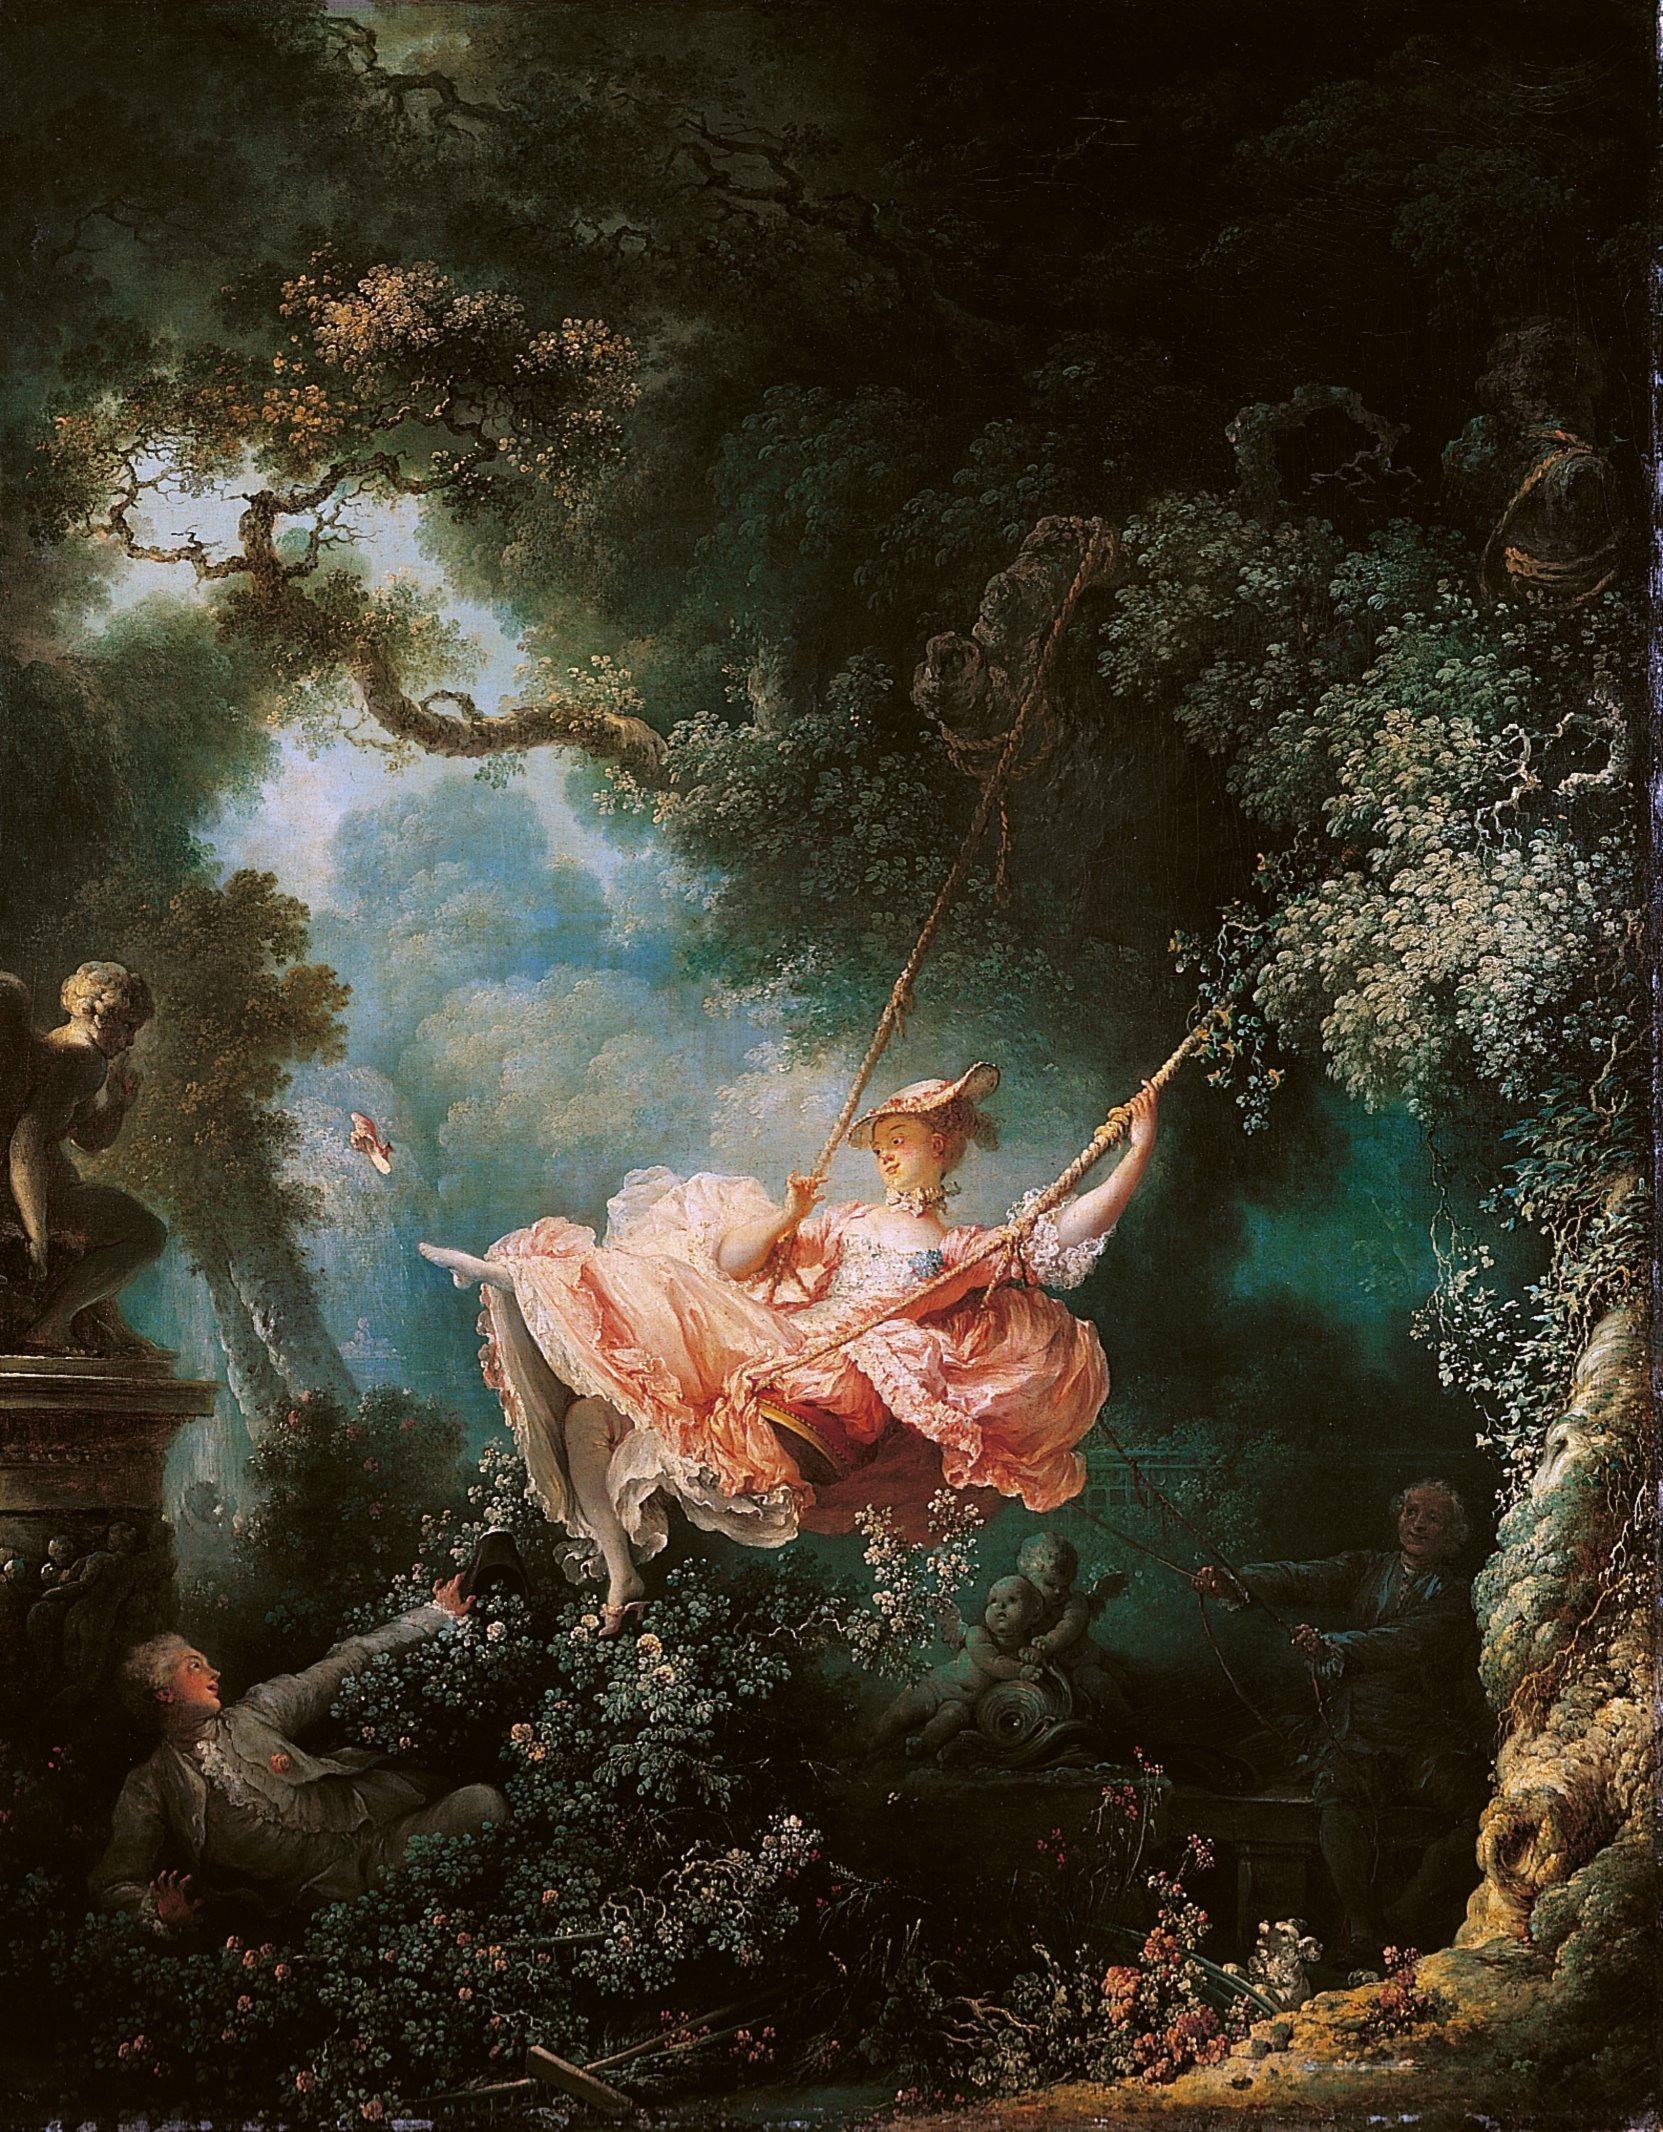 Jean-Honoré Fragonard, peintre de la légèreté